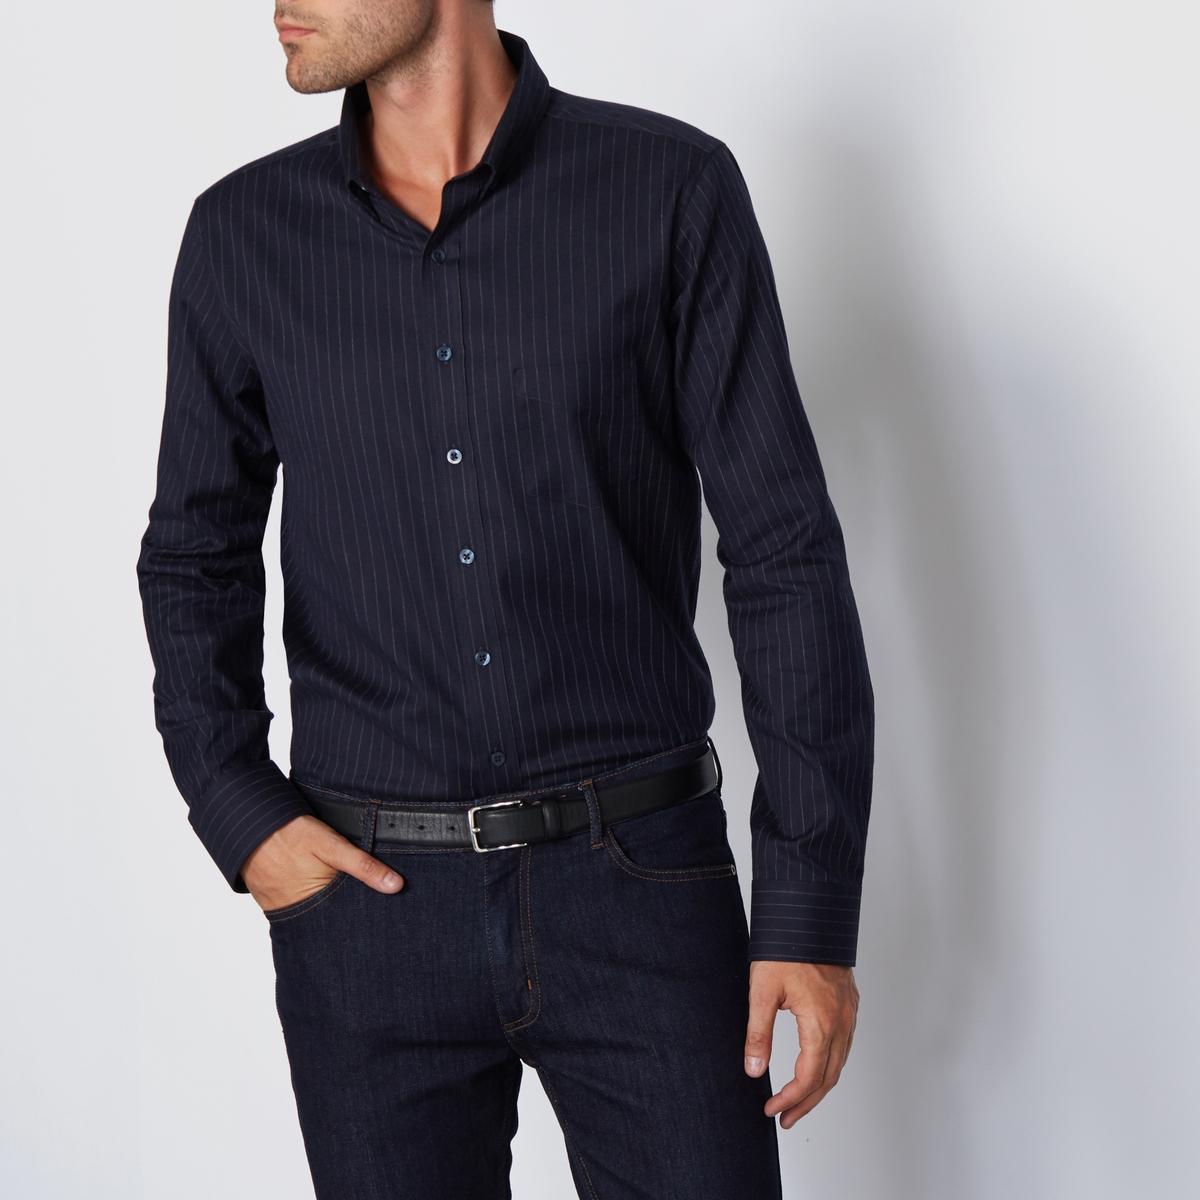 Рубашка прямого покроя с длинными рукавами, 100% хлопокРубашка в полоску. Прямой крой, классический воротник с уголками на пуговицах. Низ рукавов с застежкой на пуговицы. Состав и описаниеМатериал : 100% хлопок  Длина : 76 смМарка : R essentielУходМашинная стирка при 30 °CСтирать с вещами схожих цветовГладить с изнаночной стороны.<br><br>Цвет: темно-синий в полоску<br>Размер: 37/38